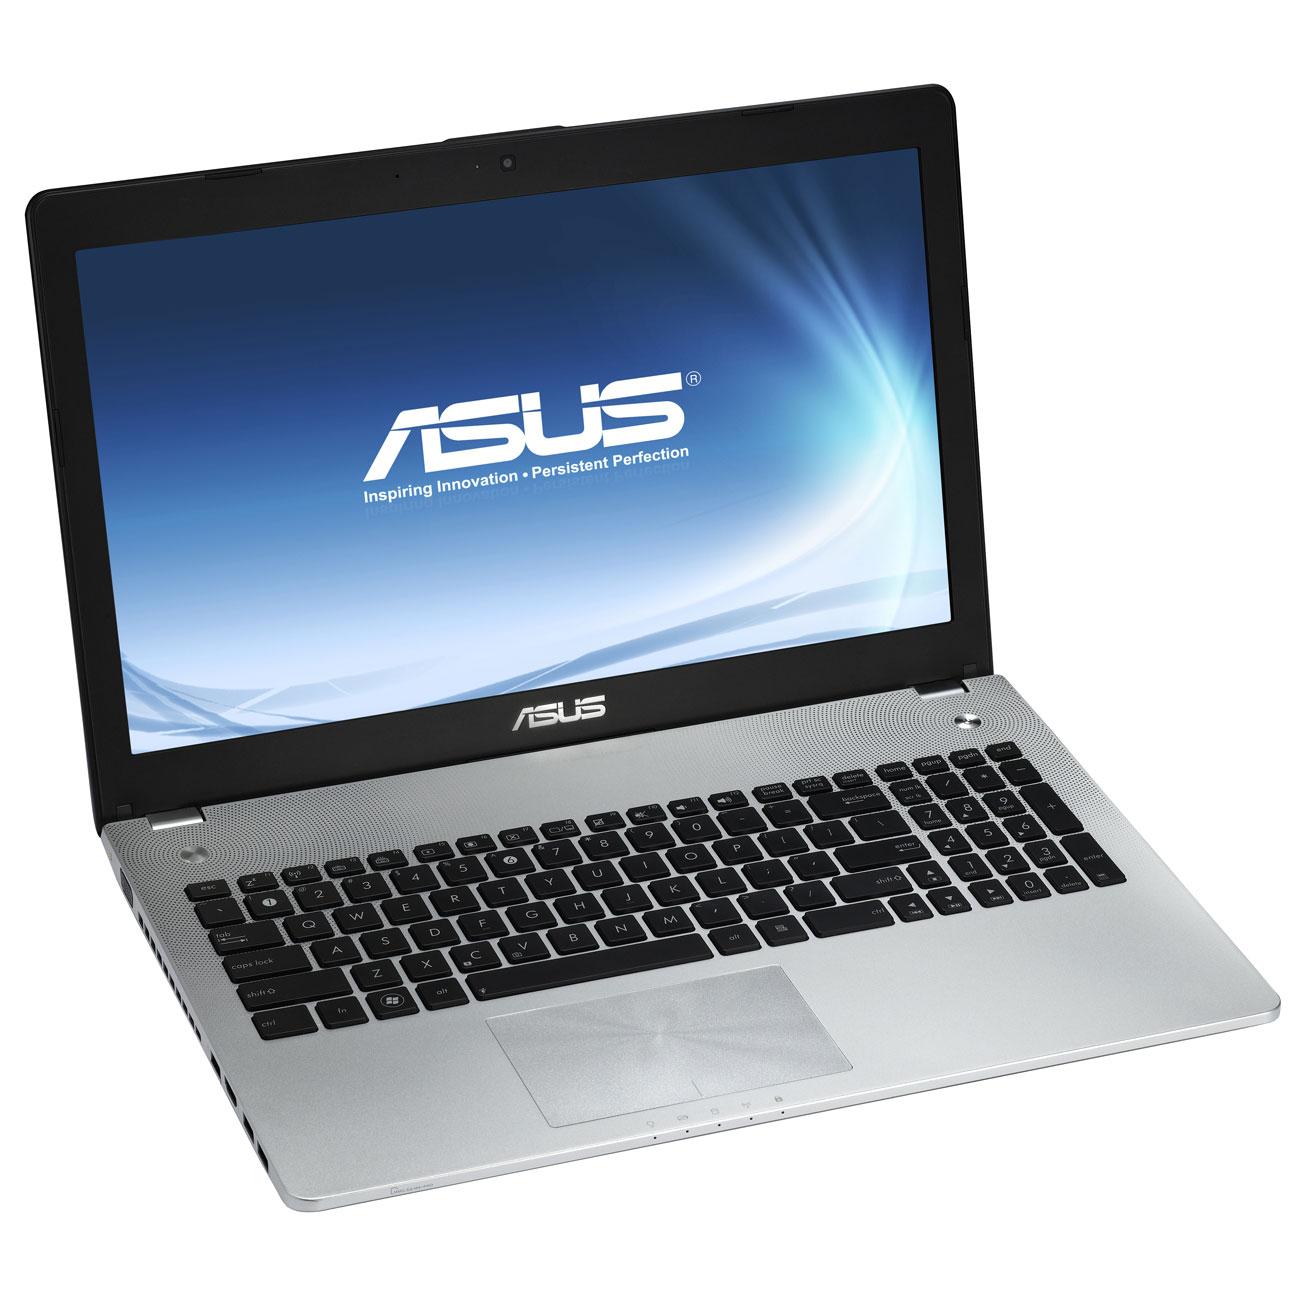 """PC portable ASUS N56VM-S3241V Intel Core i5-3210M 4 Go 750 Go 15.6"""" LED NVIDIA GeForce GT 630M Graveur DVD Wi-Fi N/BT Webcam Windows 7 Premium 64 bits (garantie constructeur 2 ans)"""